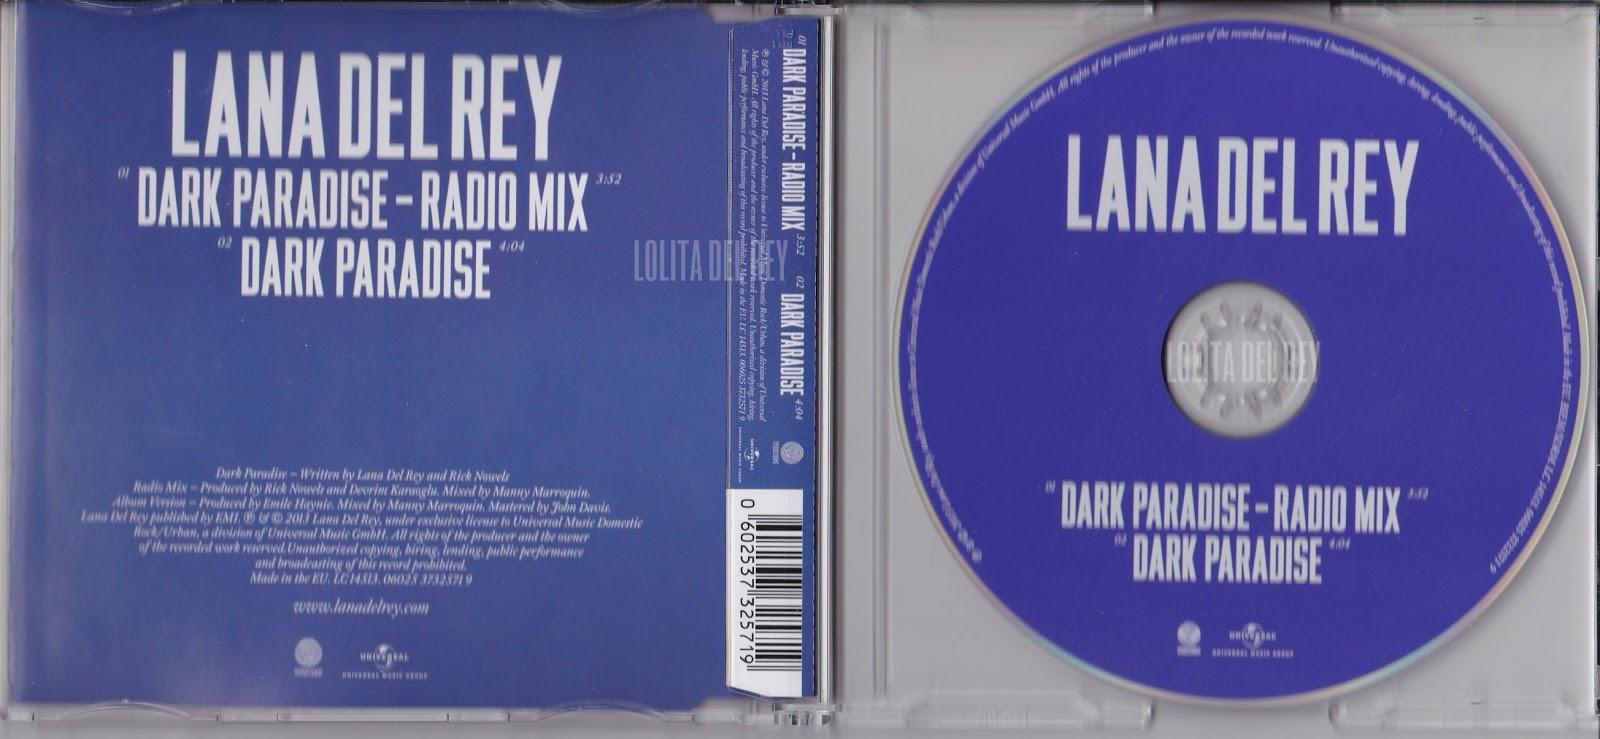 Lana Del Rey >> Tu colección de Lana Del Rey - Página 10 IMG_0001